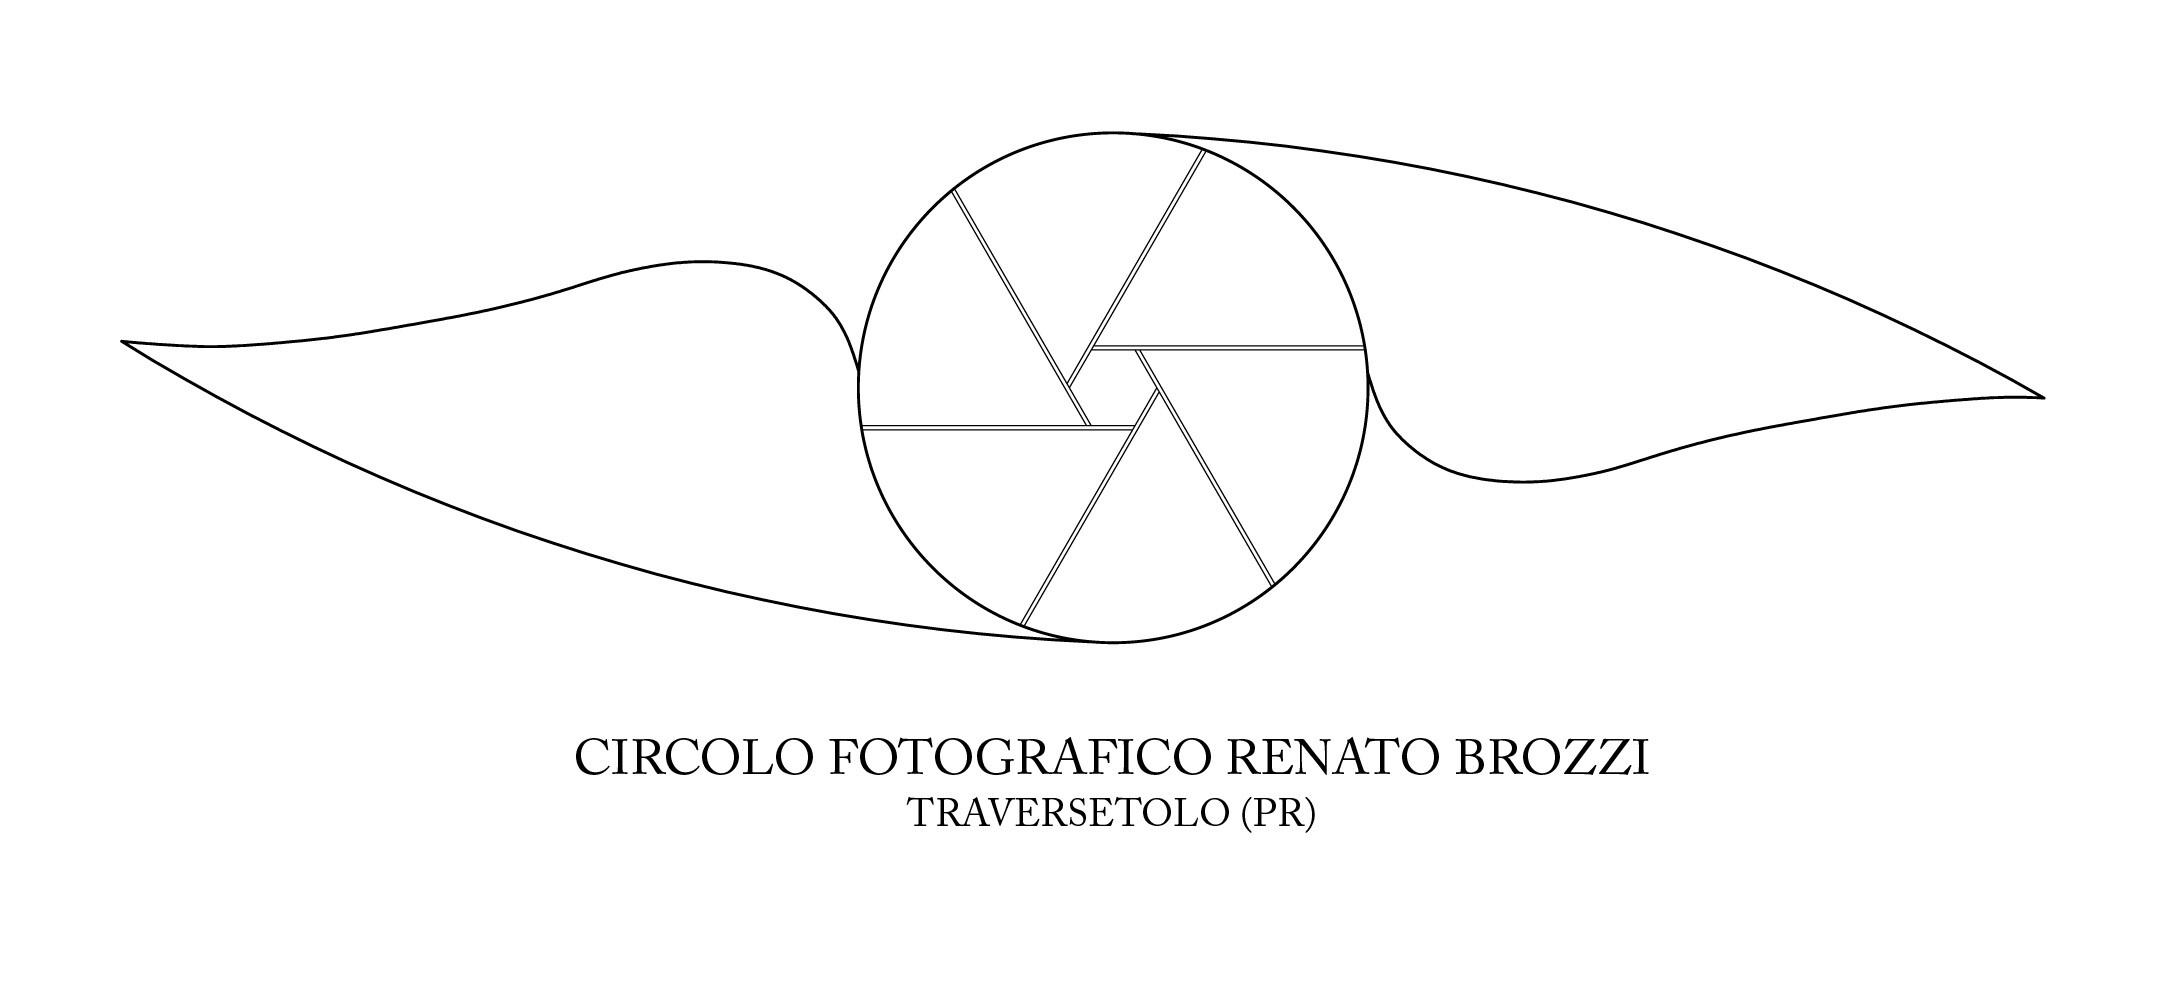 APPUNTAMENTI AL BROZZI incontro col fotografo Melchiorre Pizzitola